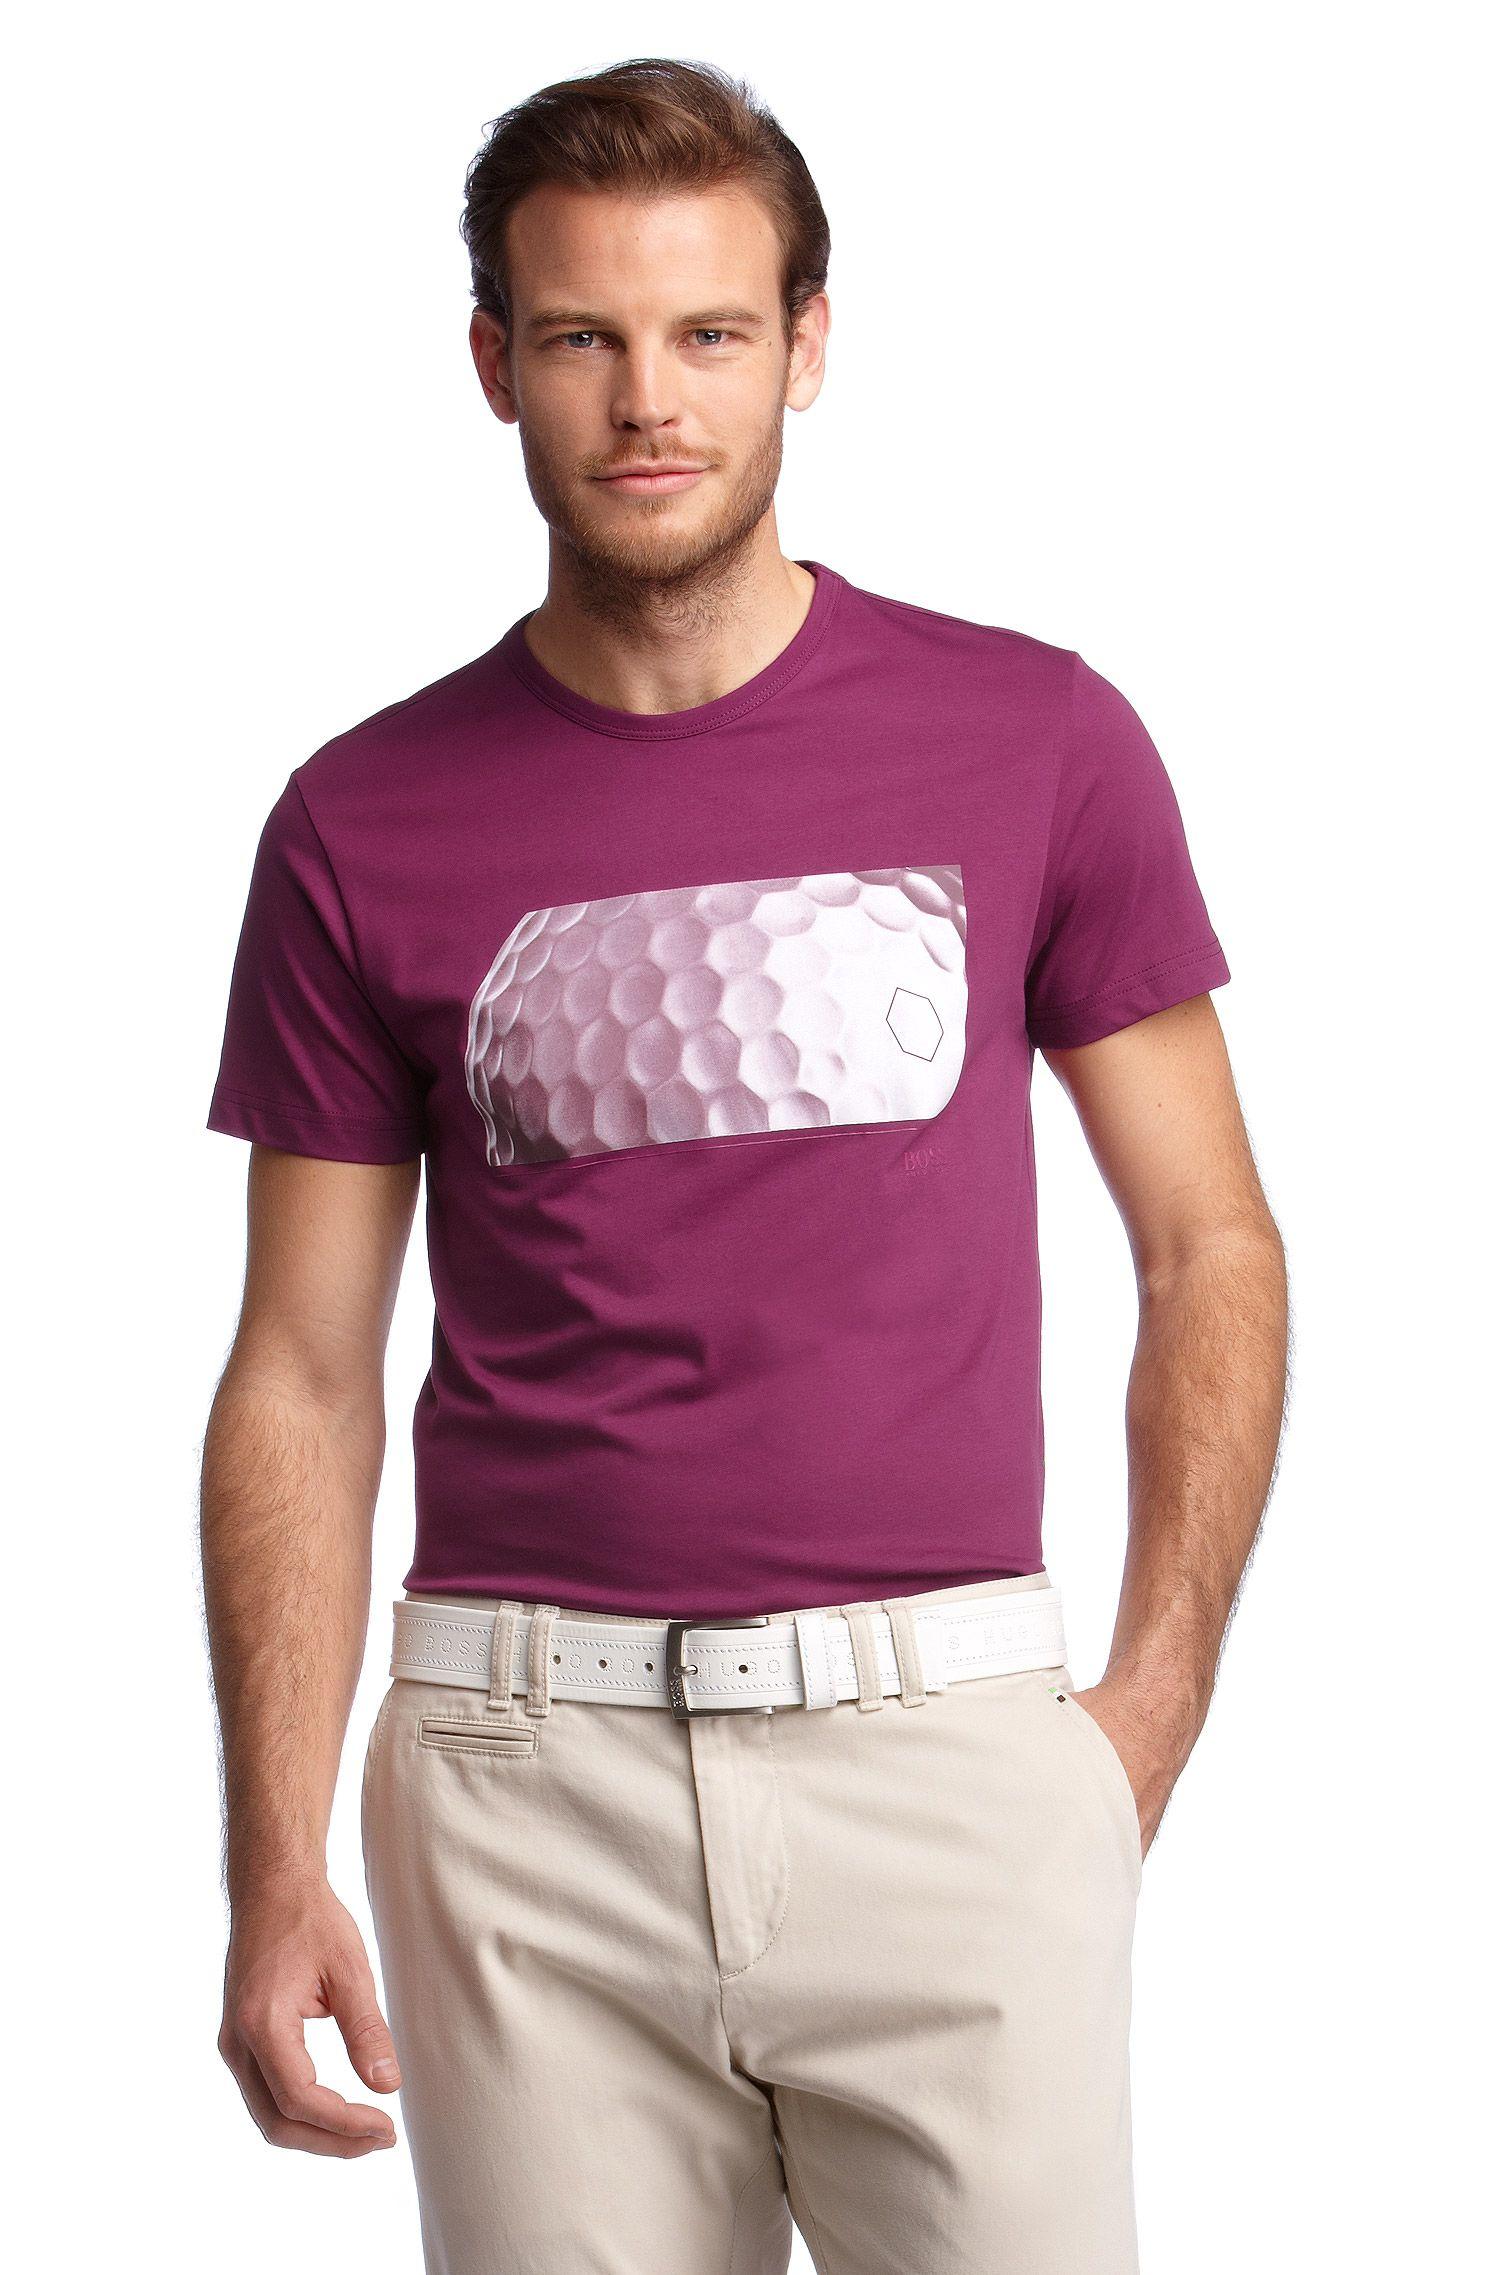 T-shirt ´Tee MK` met modieuze print op de borst